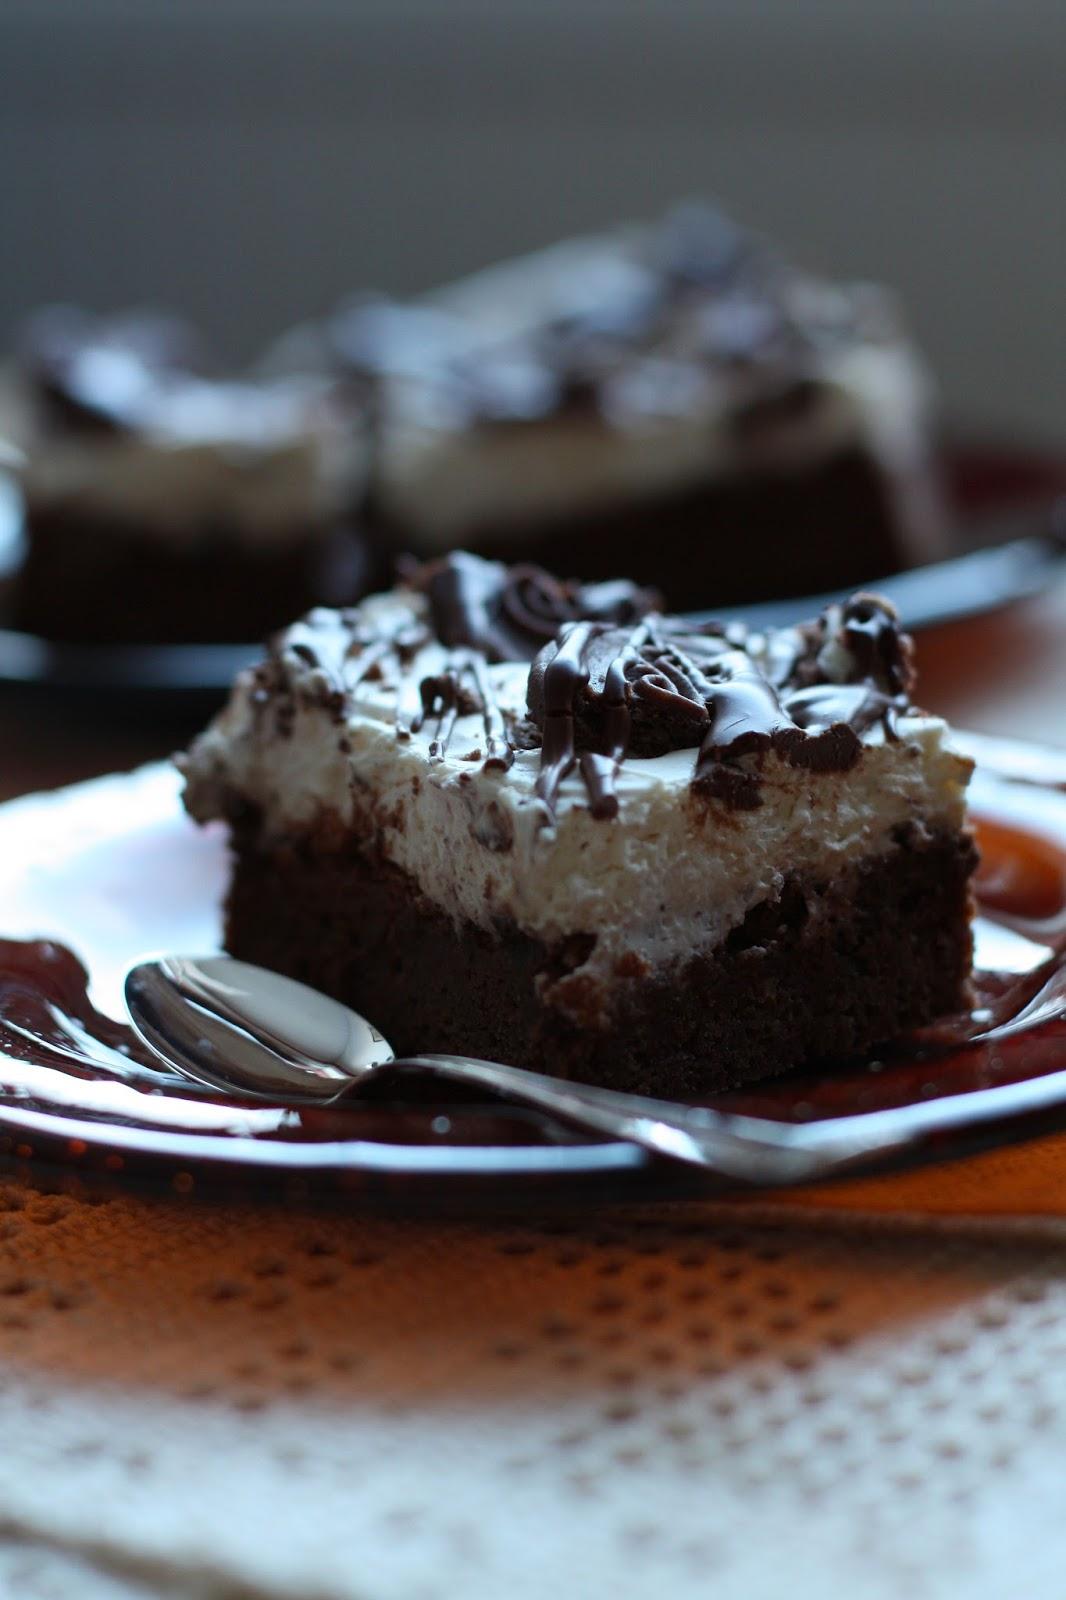 Cookies 'n' Cream Brownie leivonta keksi suklaa mallaspulla